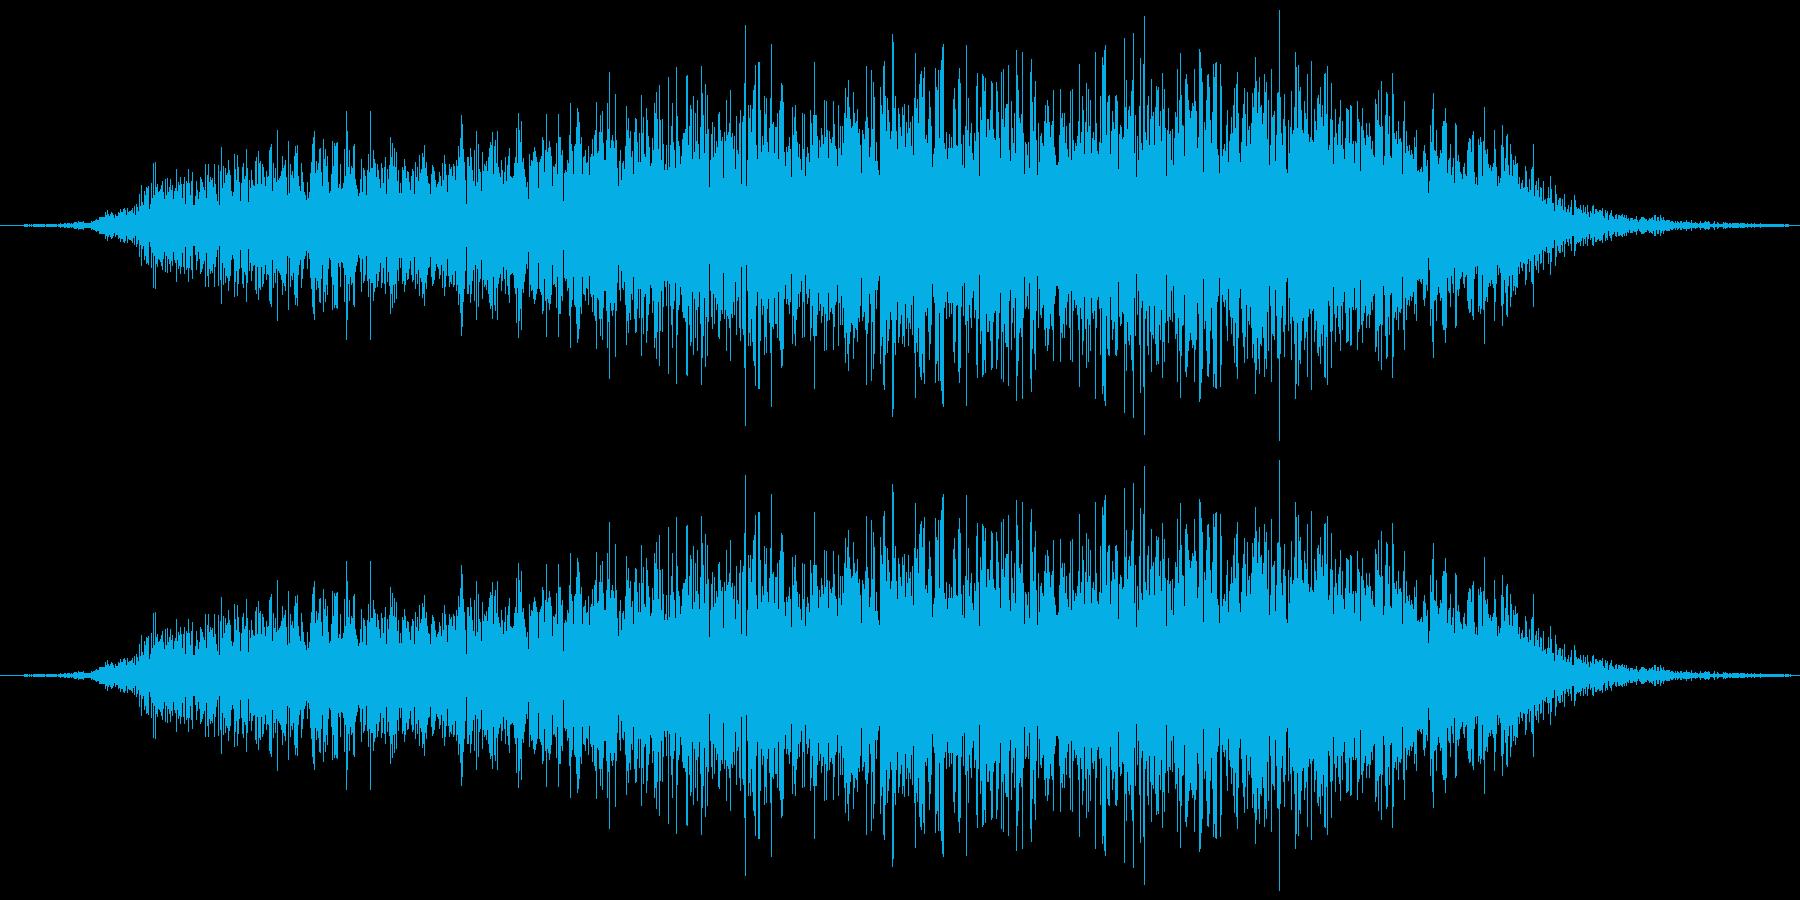 和風掛け声「よー」(女複数)の再生済みの波形